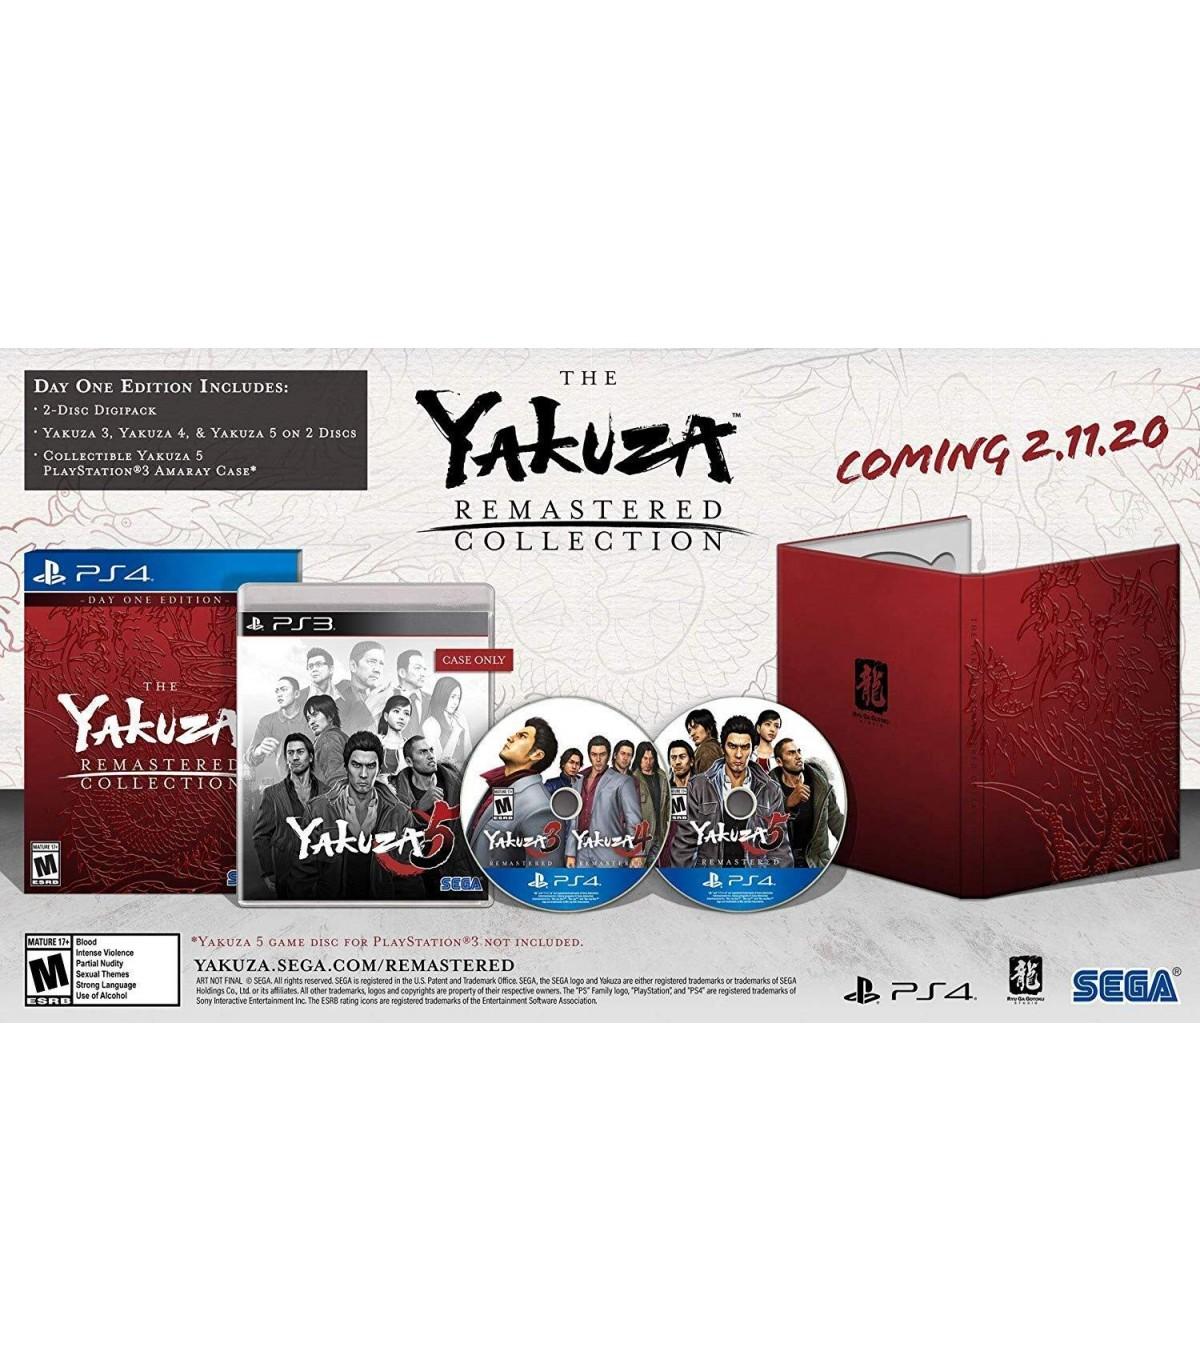 بازی The Yakuza Remastered Collection - پلی استیشن 4